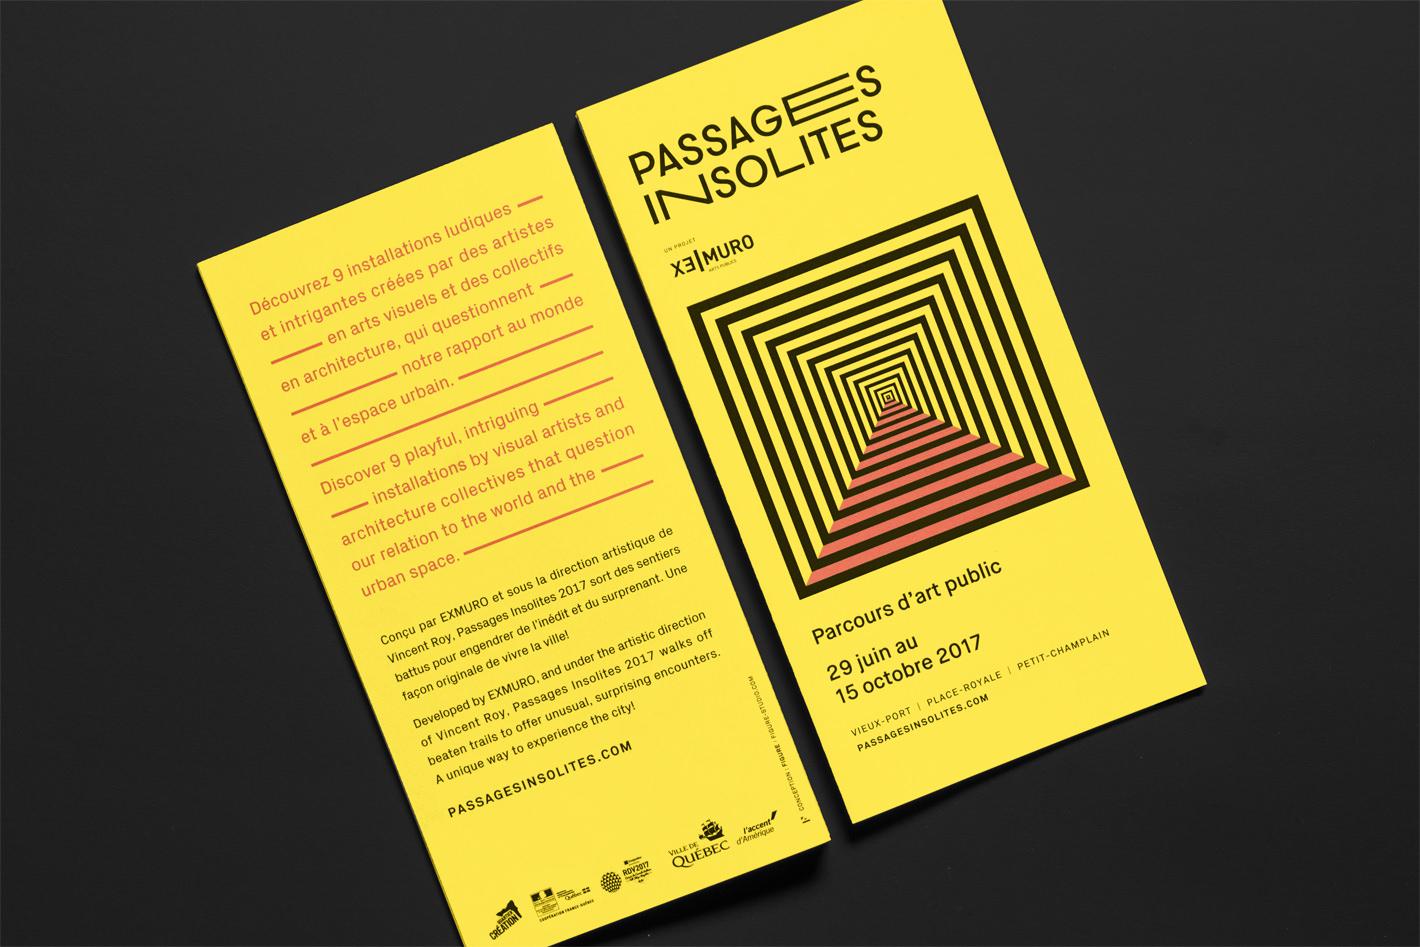 Figure-Jeremy-Hall-Design-Graphique-Exmuro-Depliant-Brochure-Passages-Insolites-Quebec-2.jpg